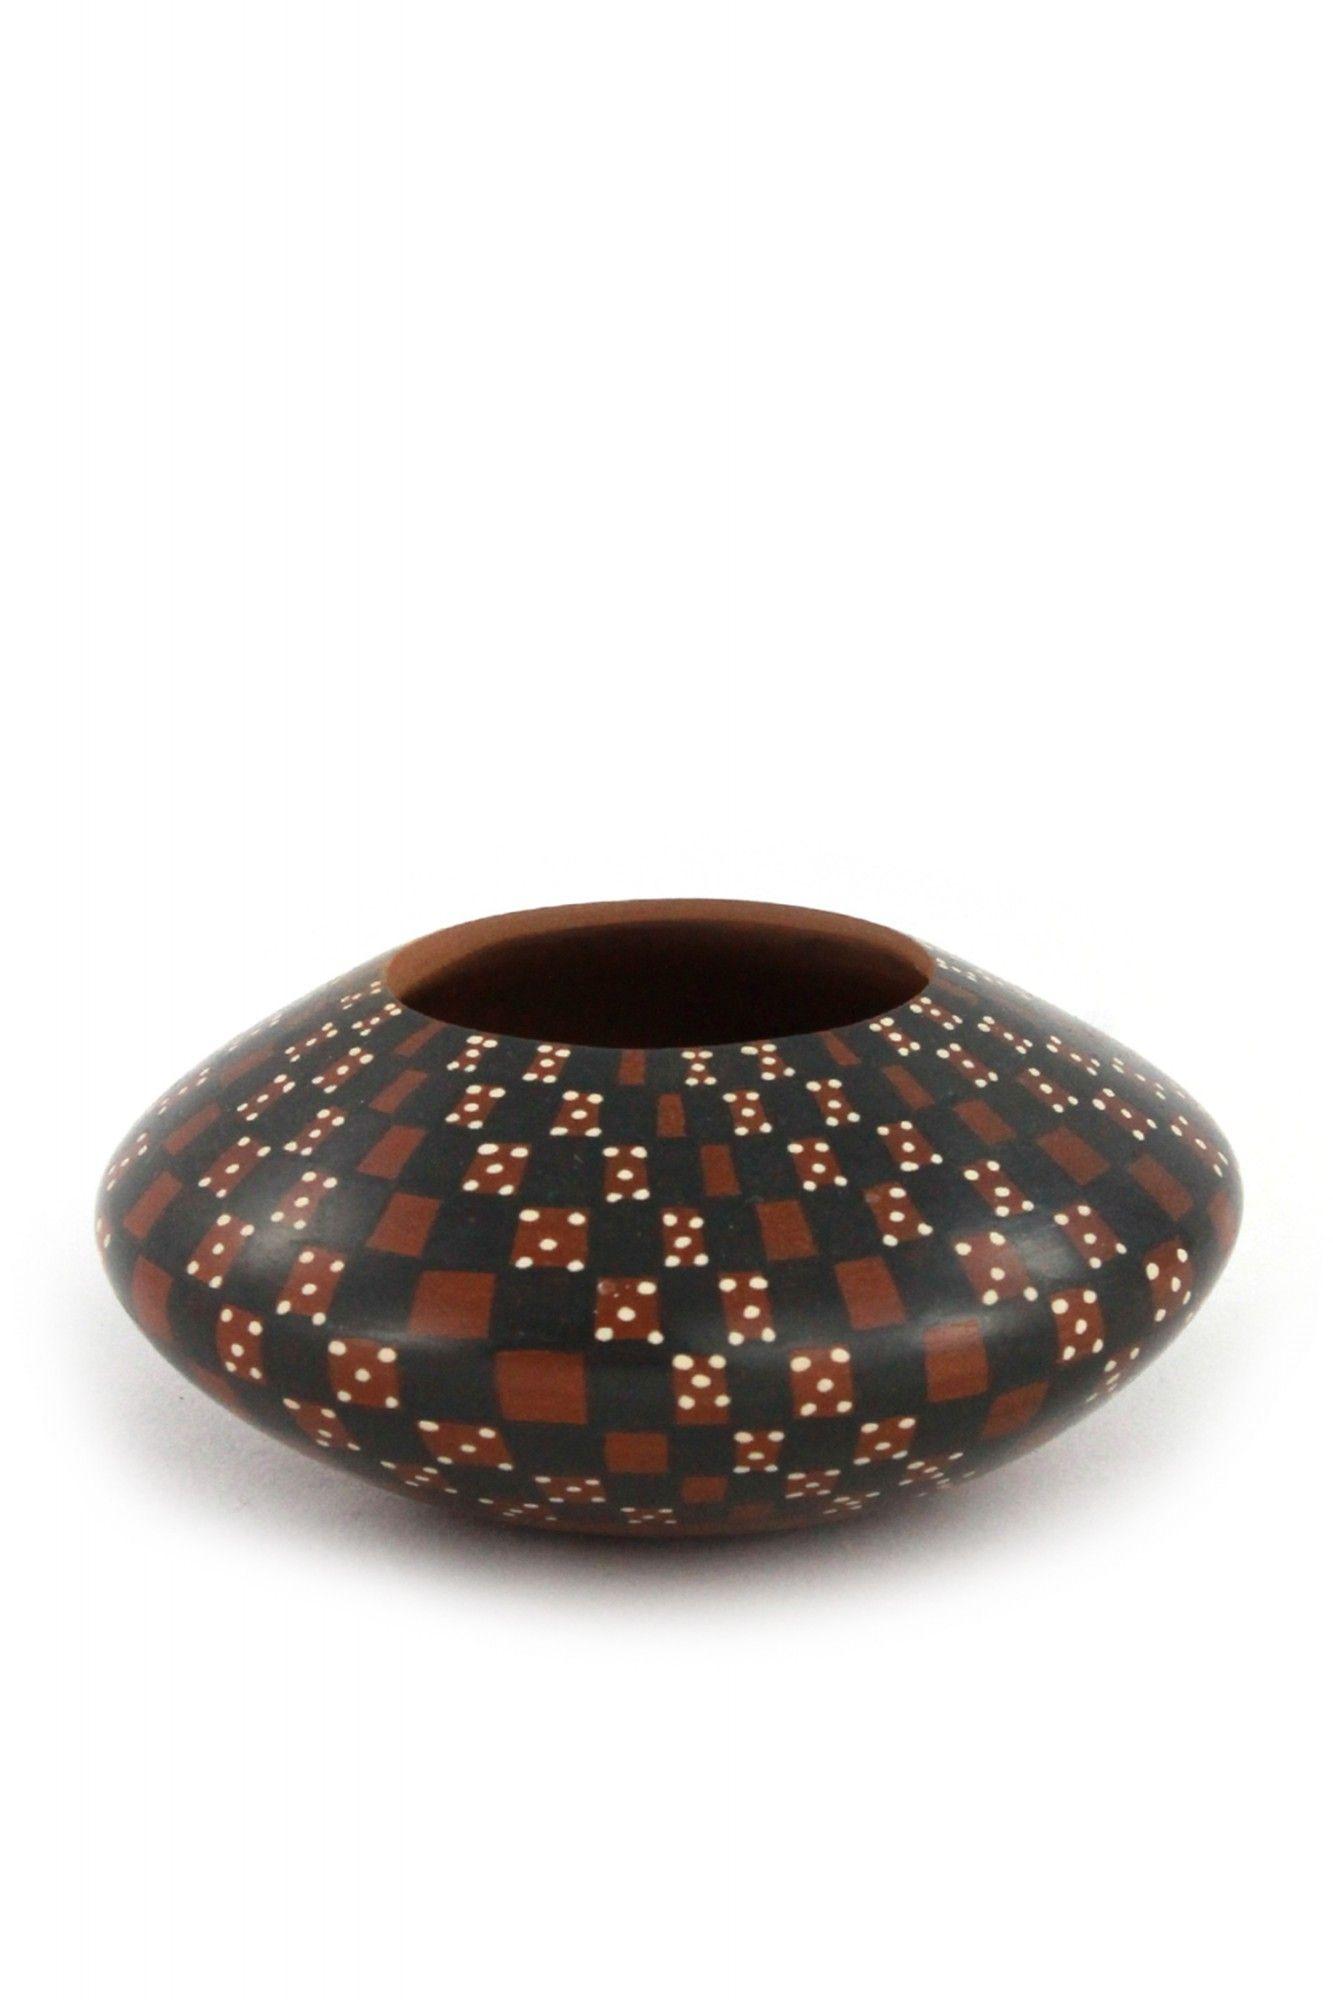 Rote flache Keramikvase im präkolumbianischen Stil mit runder Öffnung Keramik